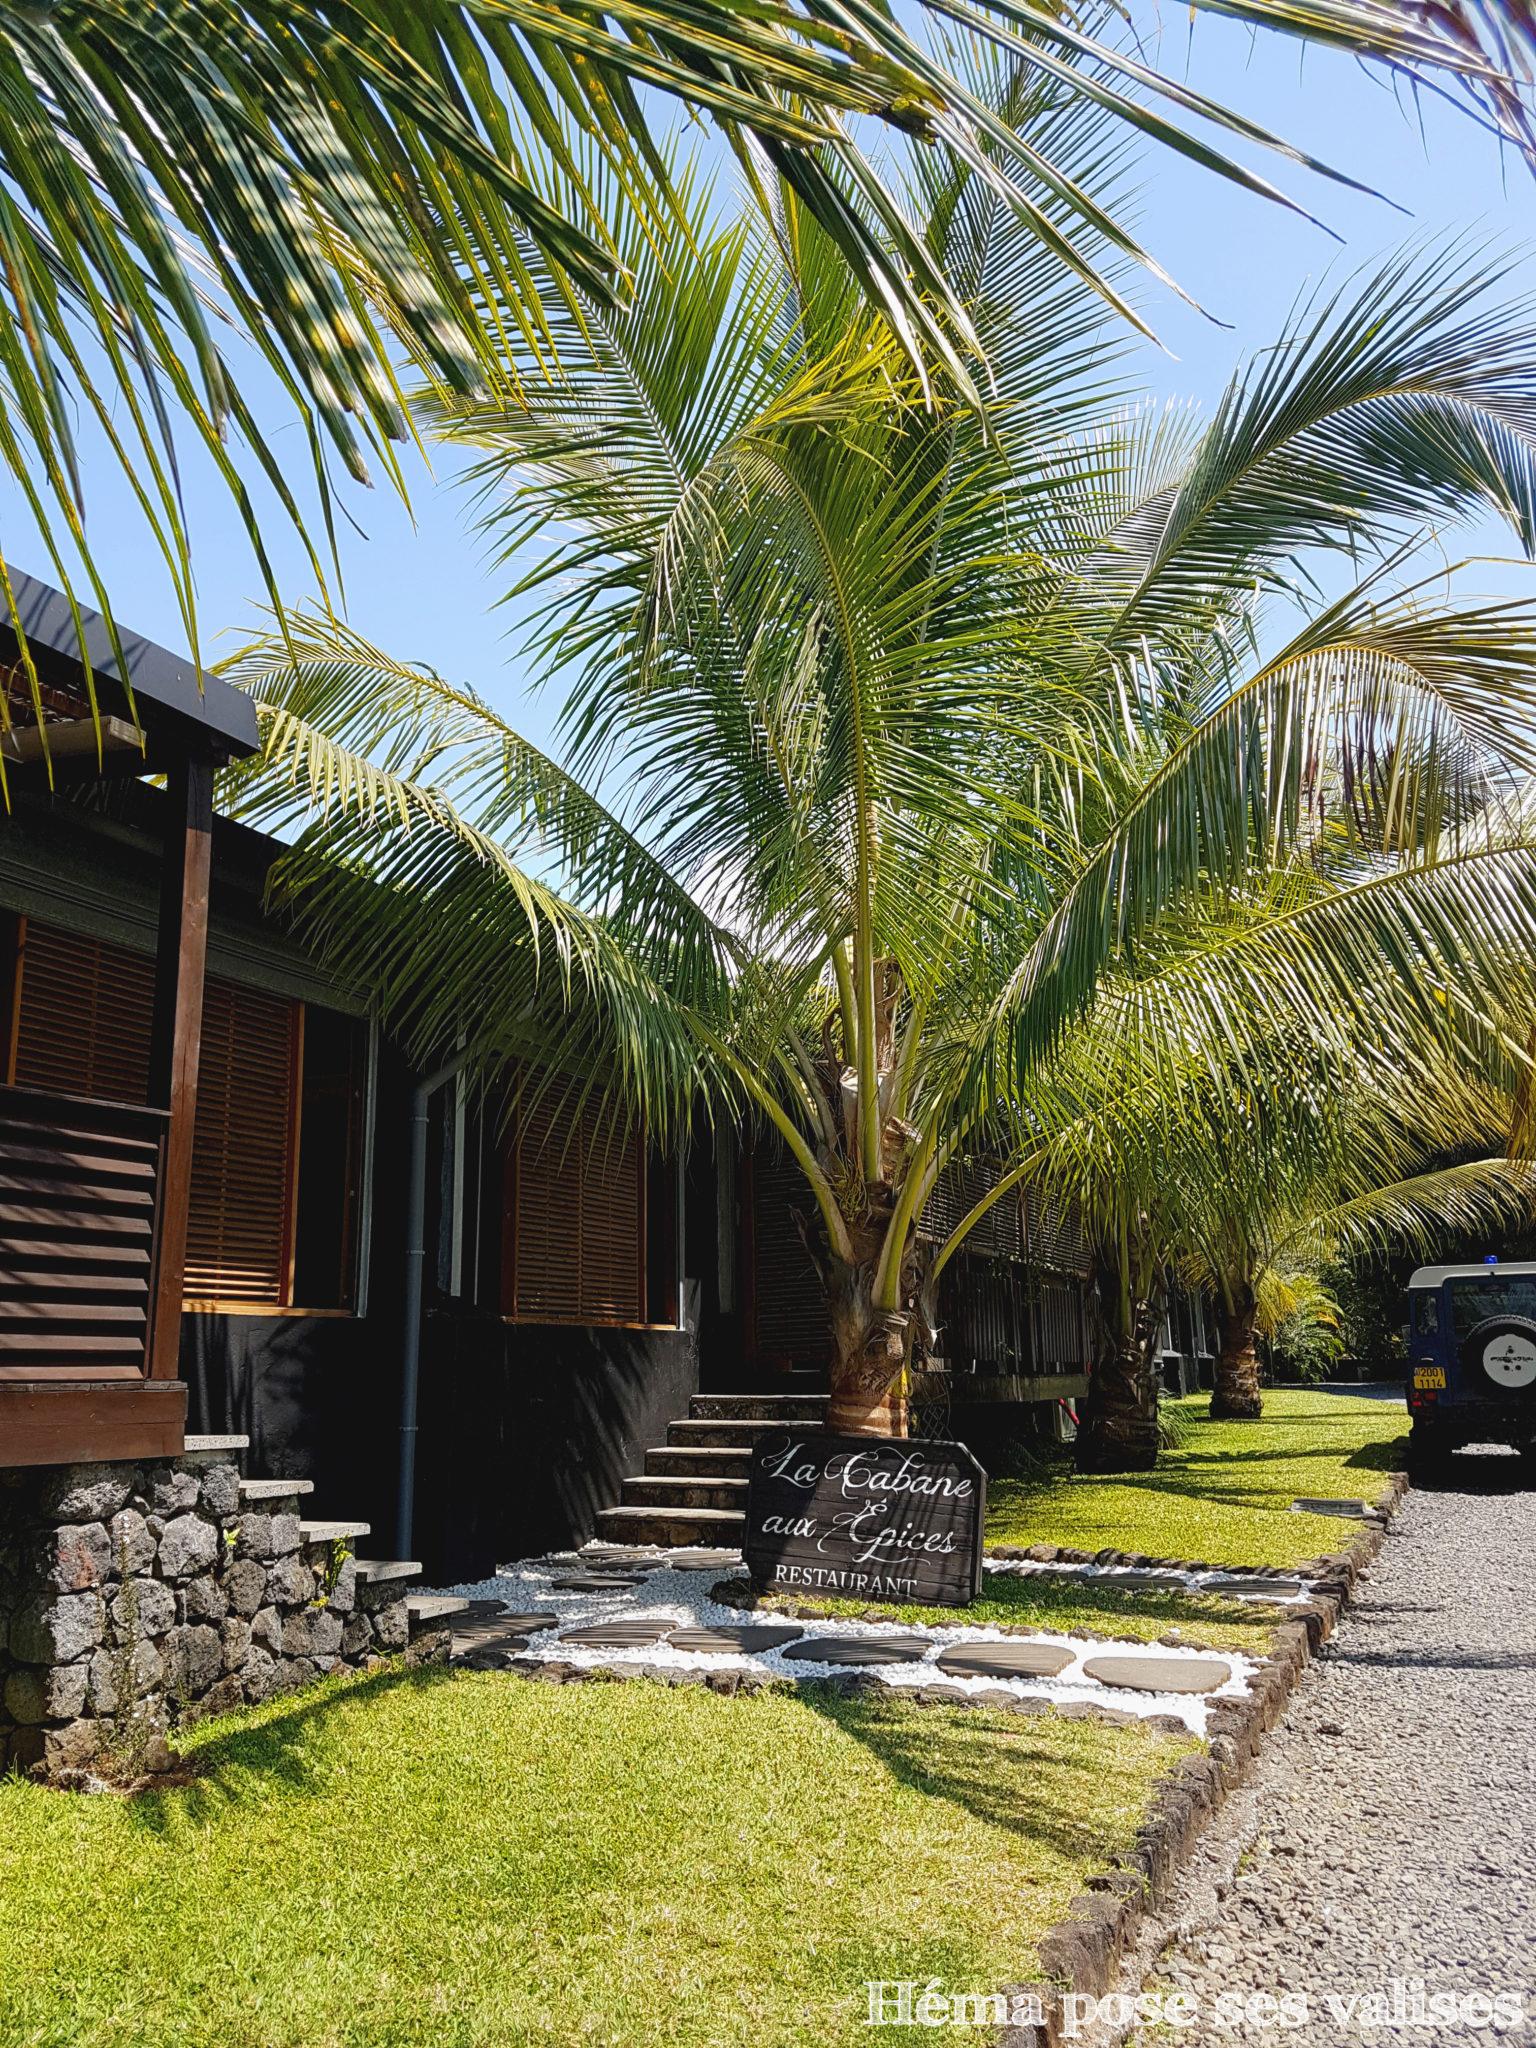 Allée verdoyante à l'entrée du restaurant La Cabane aux épices à l'île de La Réunion